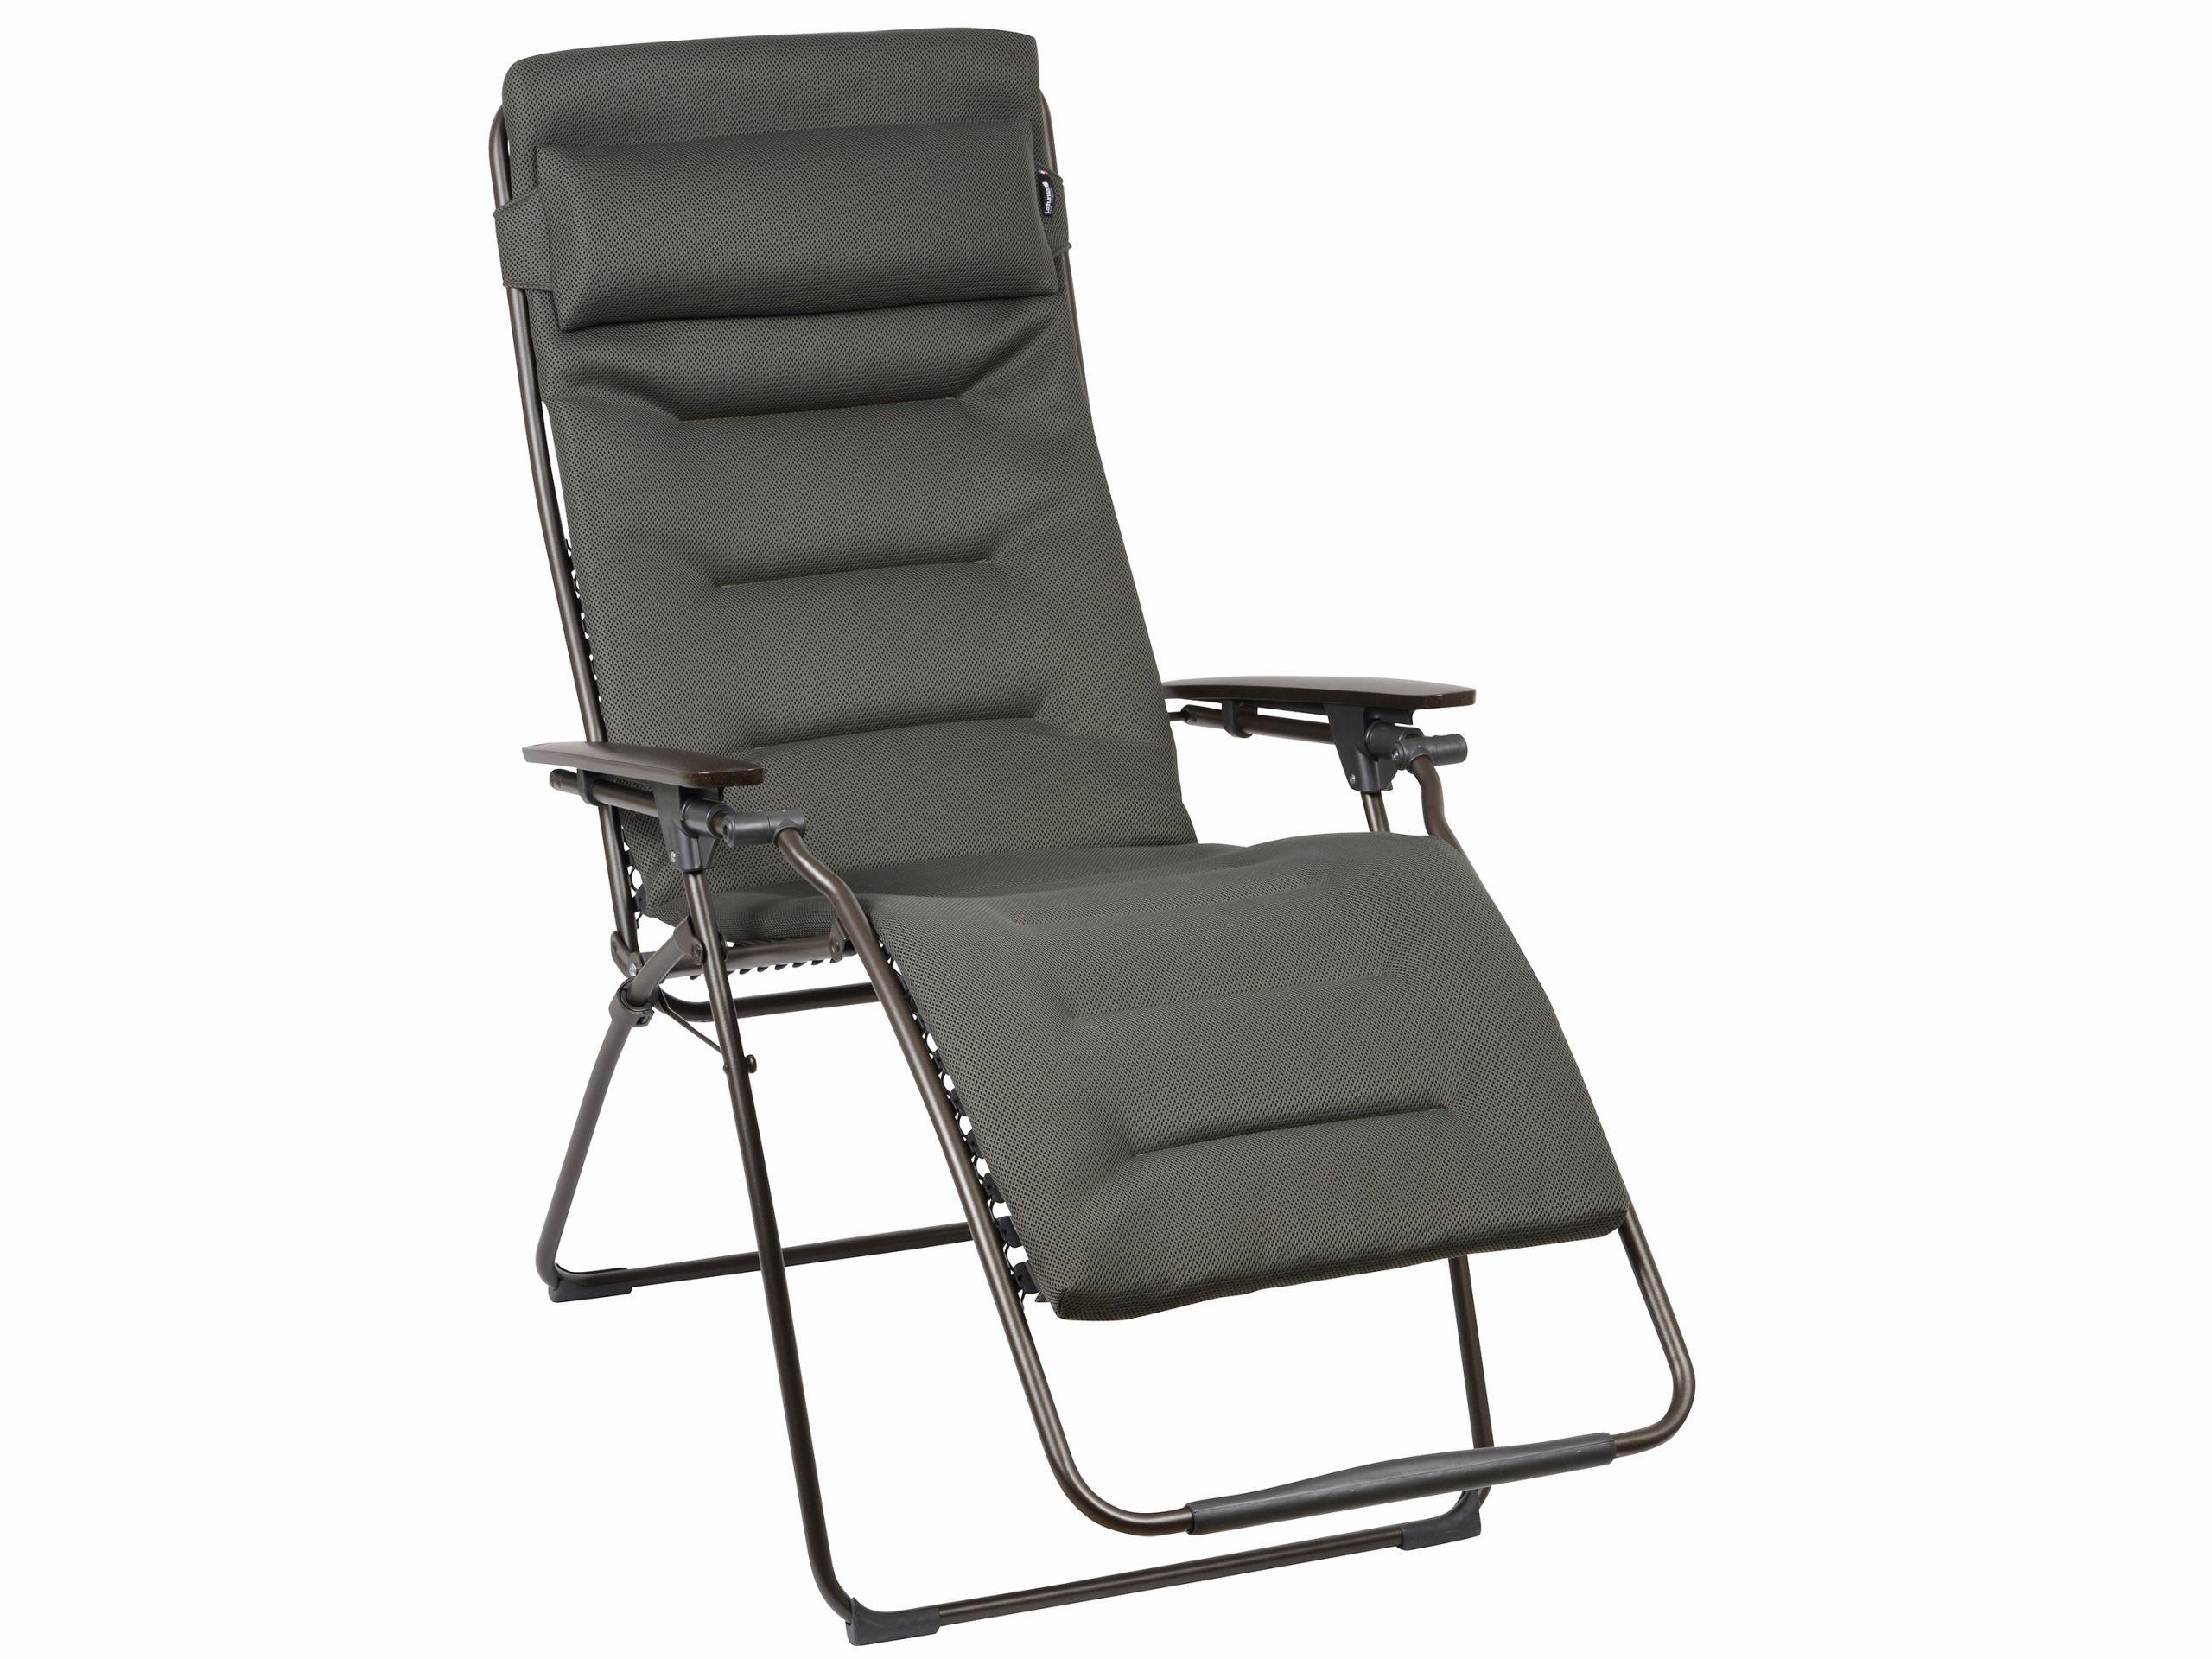 chaise longue jardin bois elegant chaise longue bois jardin elegant table basse en resine de chaise longue jardin bois scaled